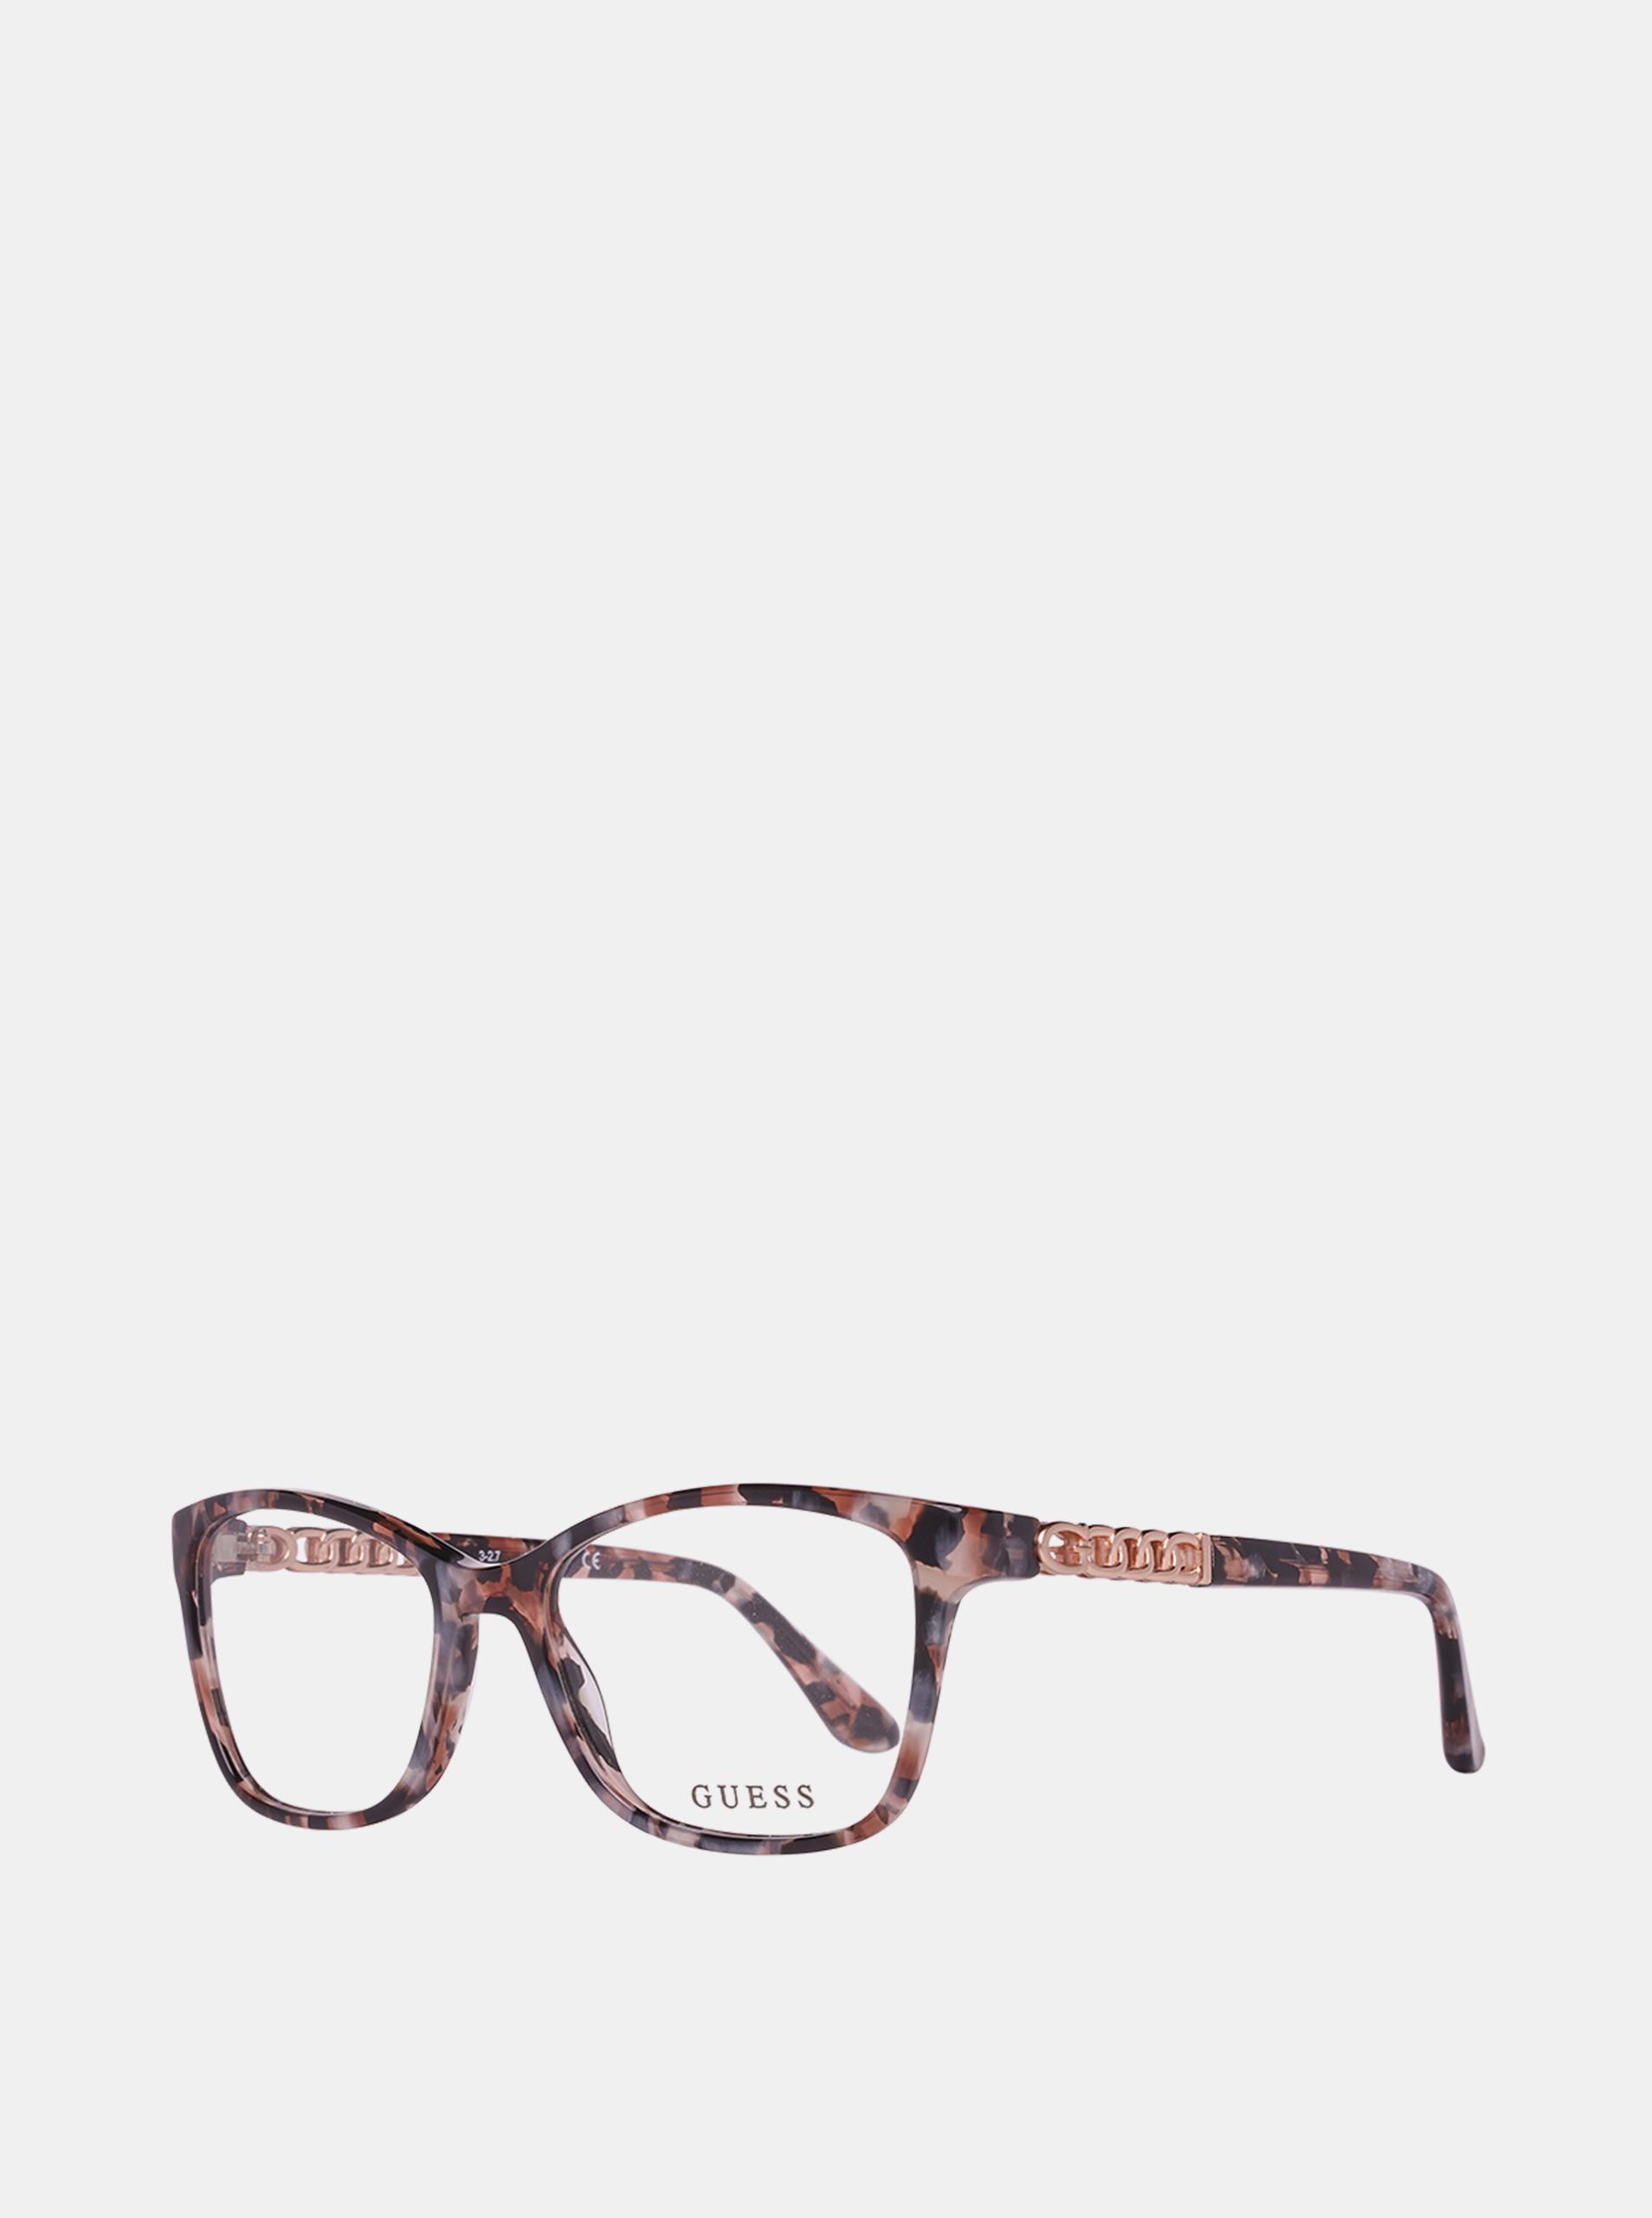 Starorůžové dámské vzorované obroučky brýlí Guess